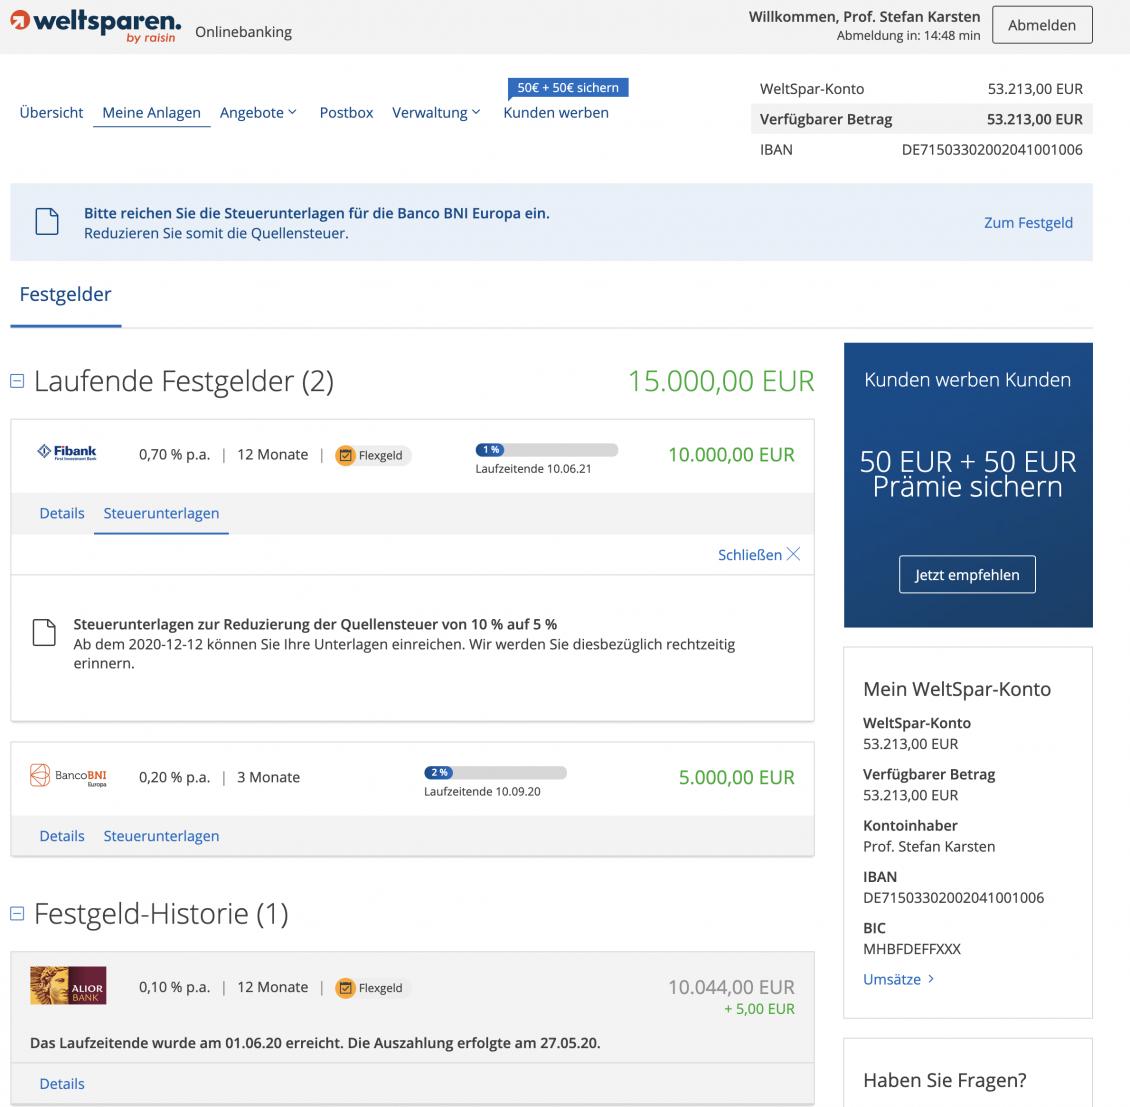 Hinweis zur Quellensteuer in Bulgarien im Onlinebanking von WeltSparen.